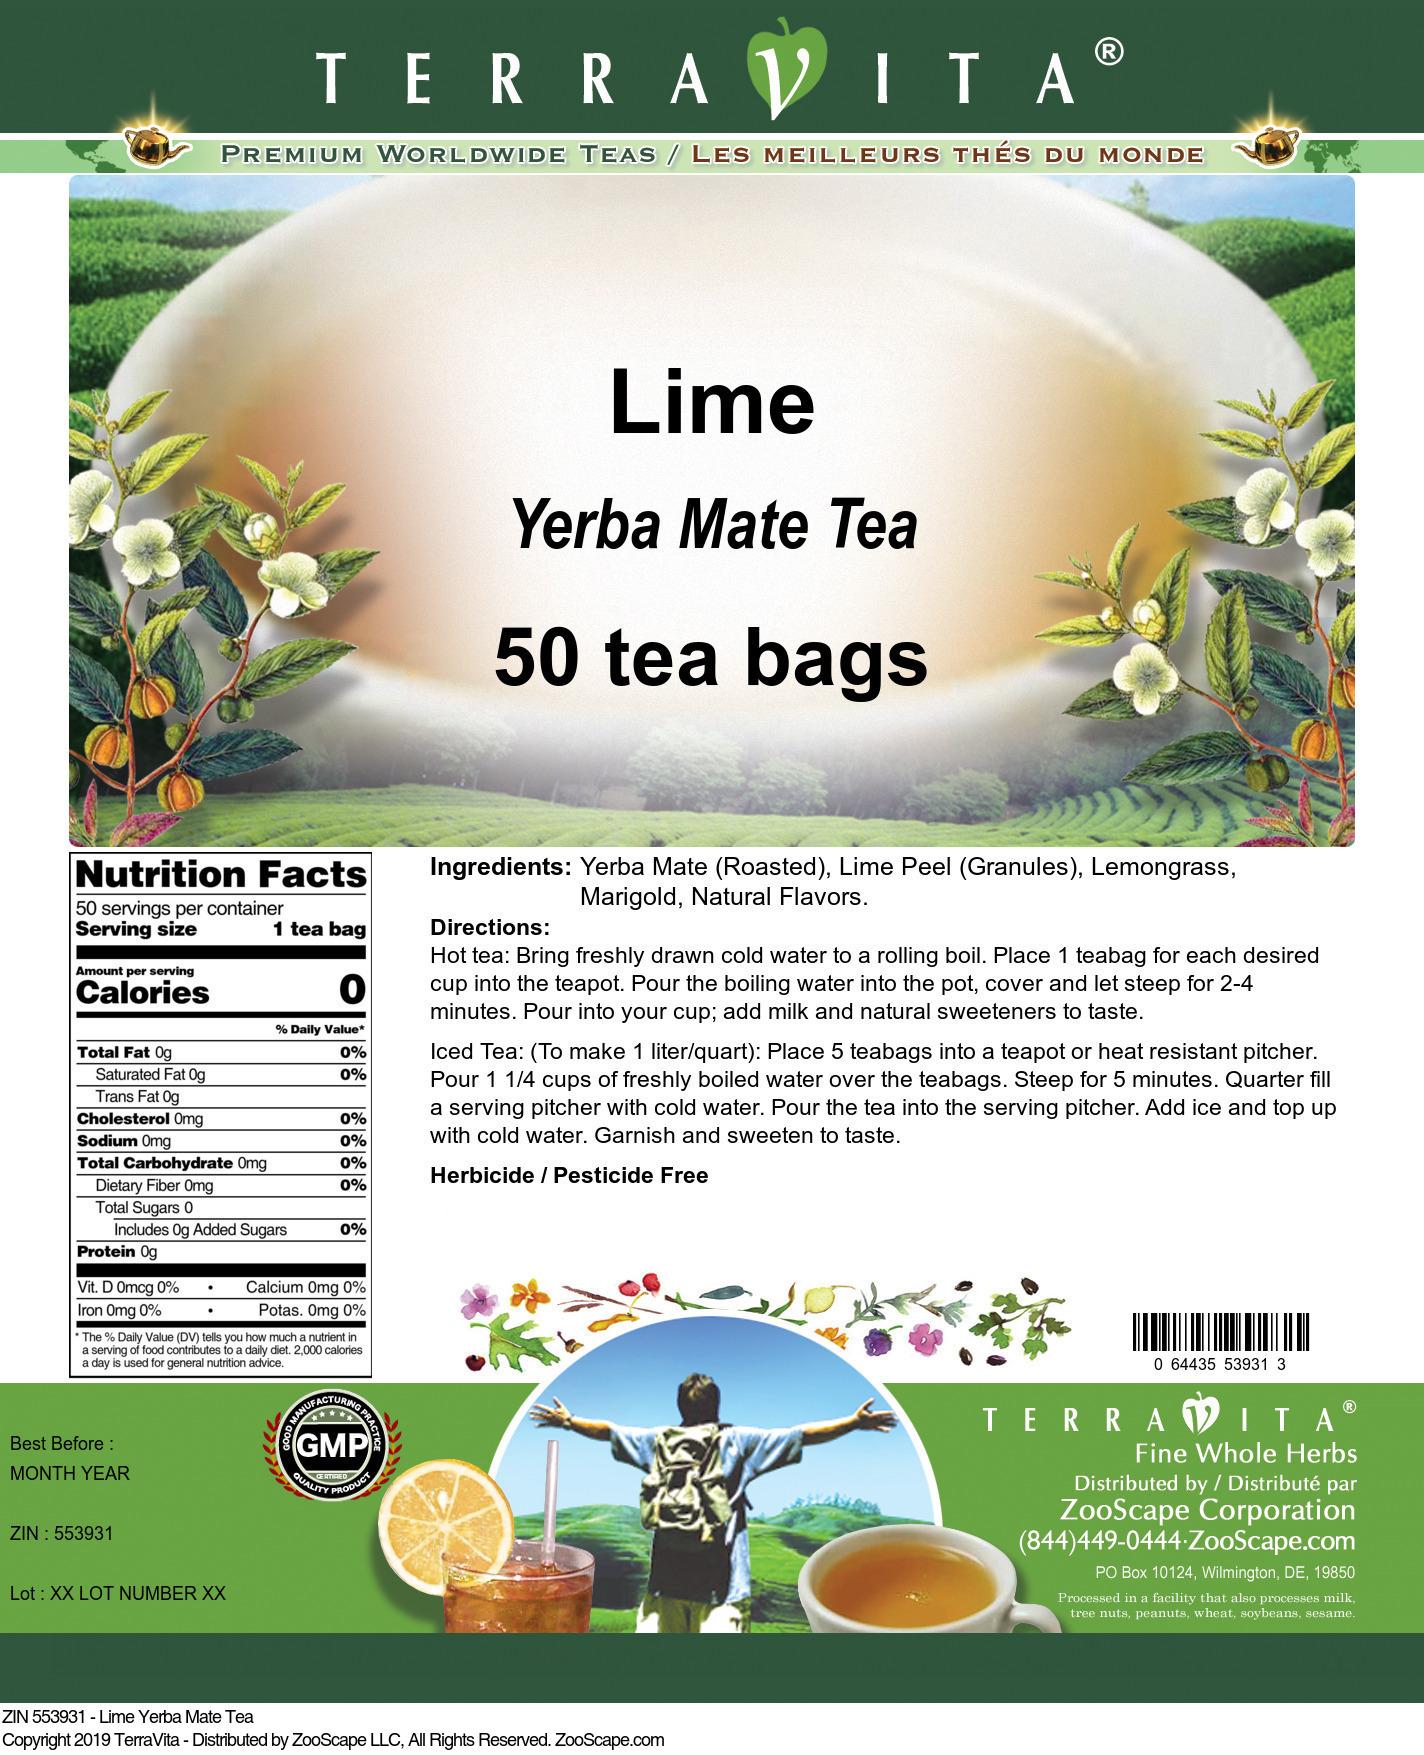 Lime Yerba Mate Tea